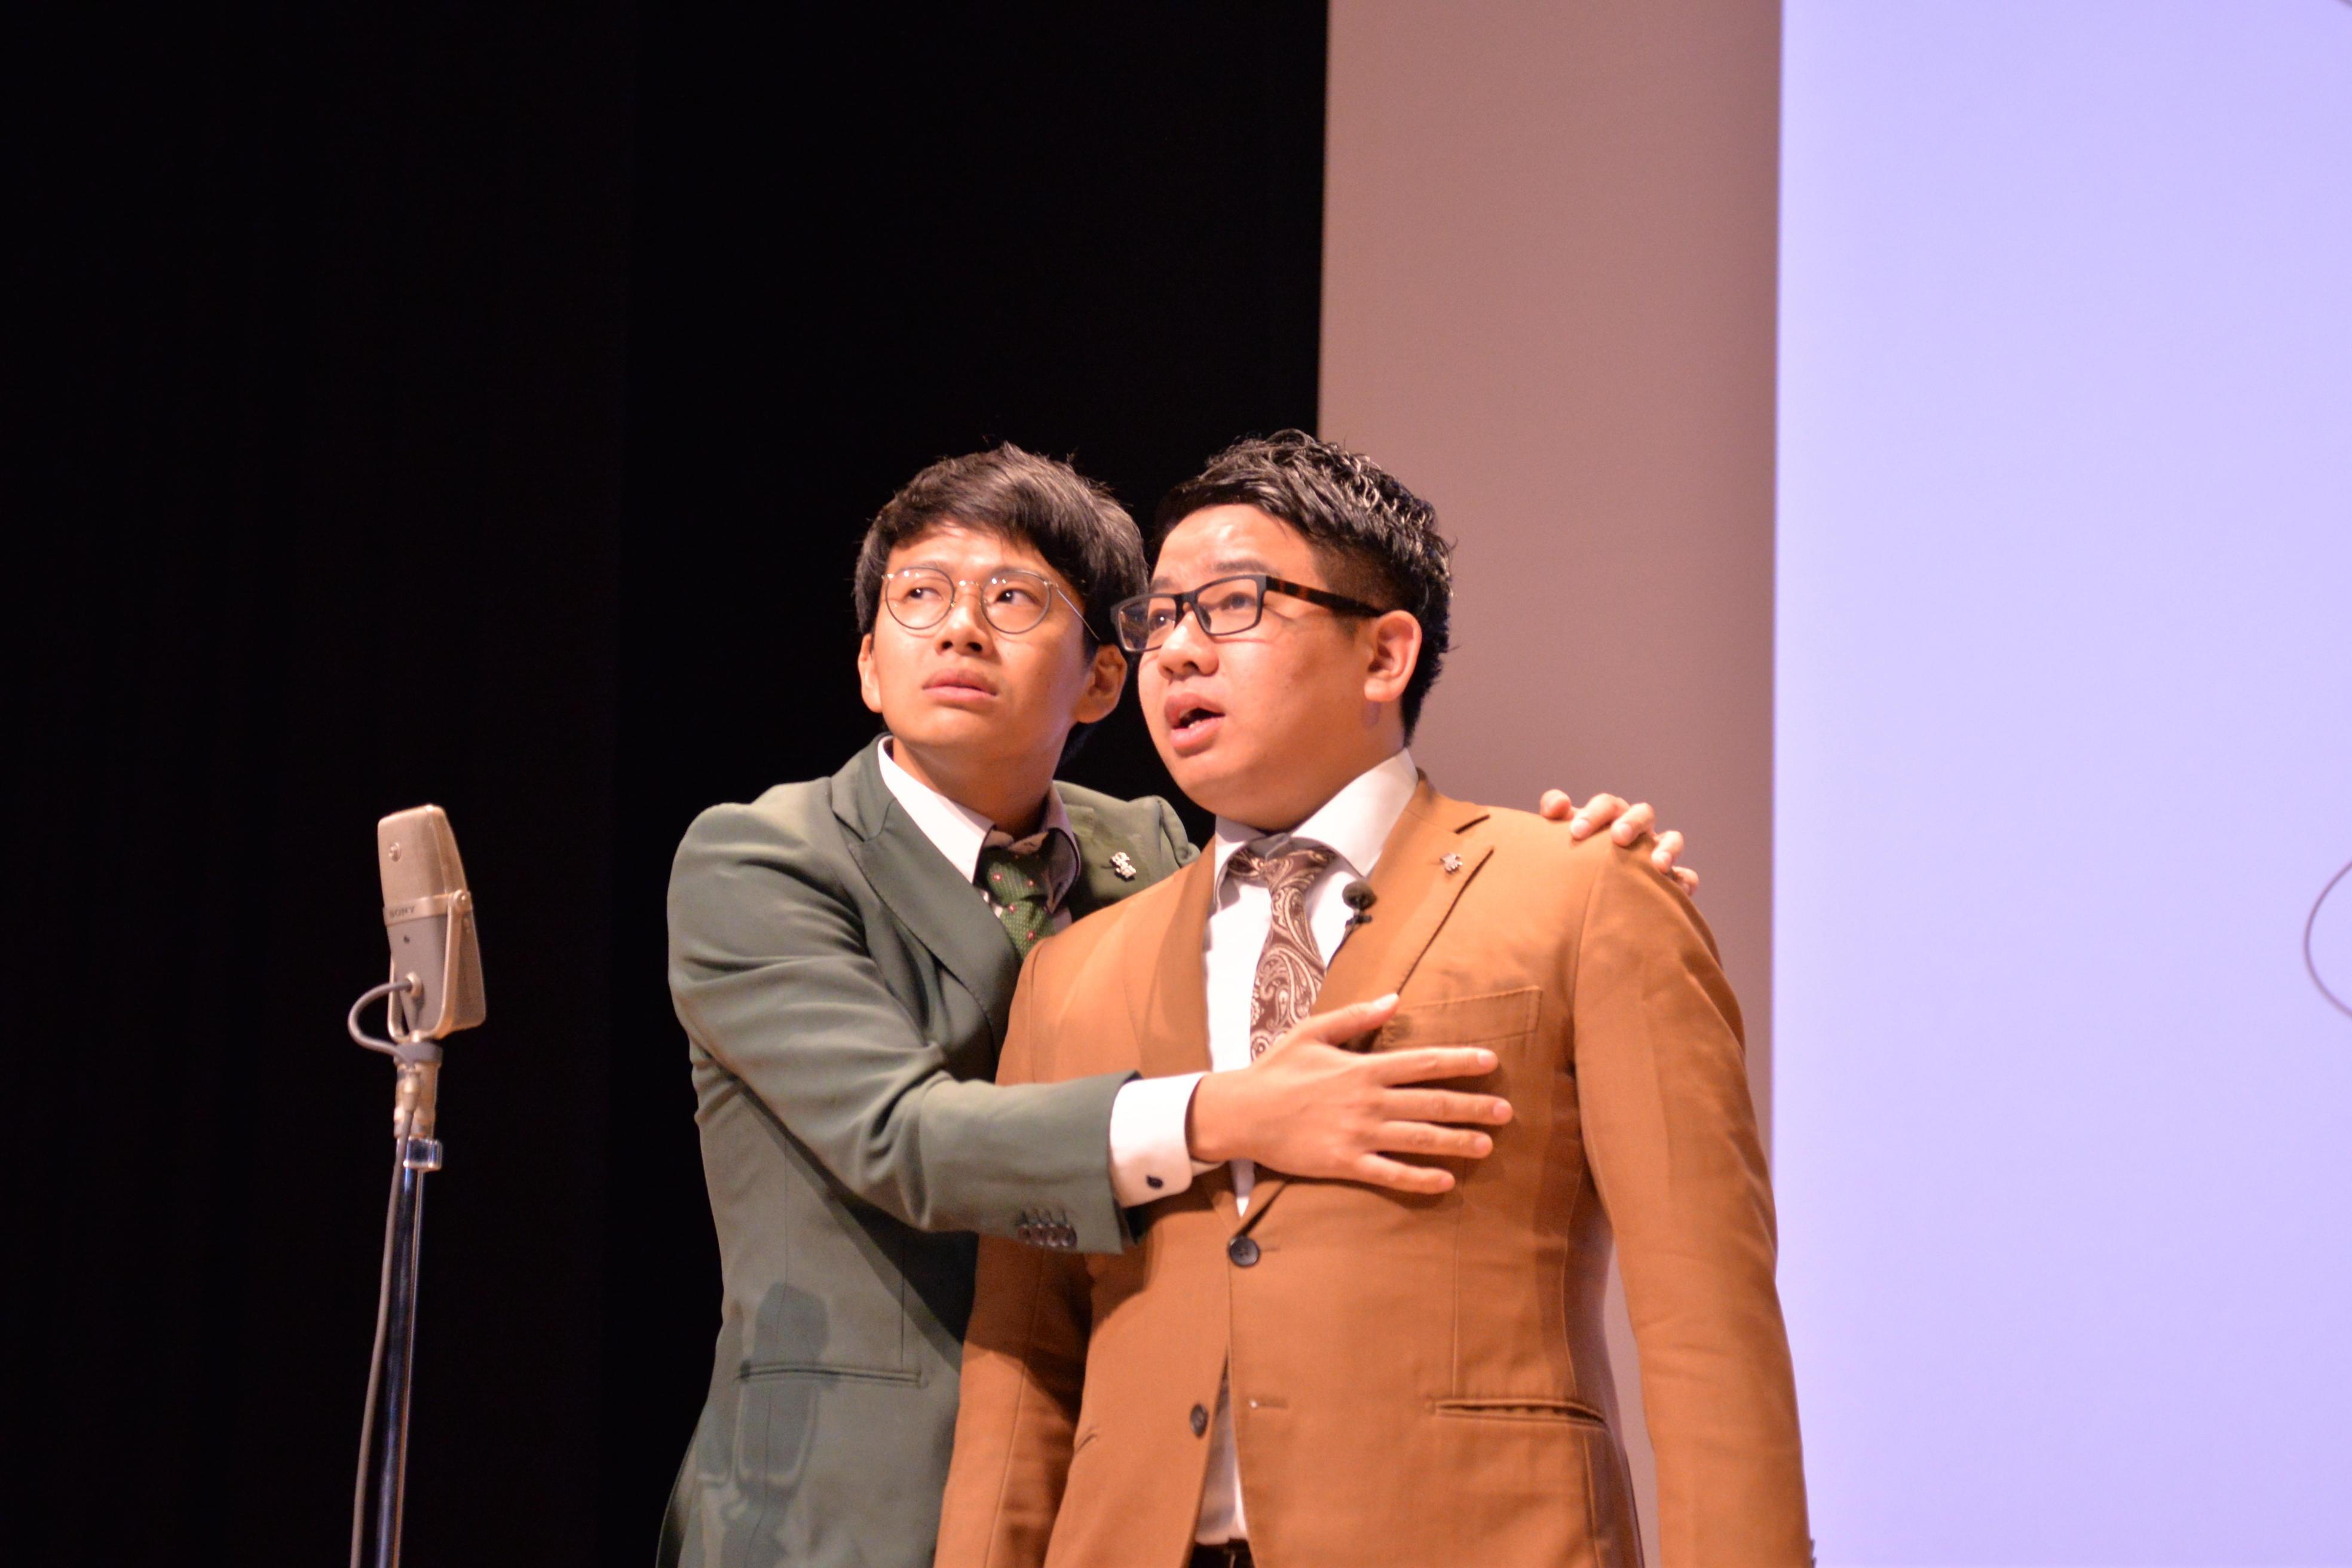 http://news.yoshimoto.co.jp/20180801172827-46c058810a297df60c563a128598ba98aba42b9f.jpg